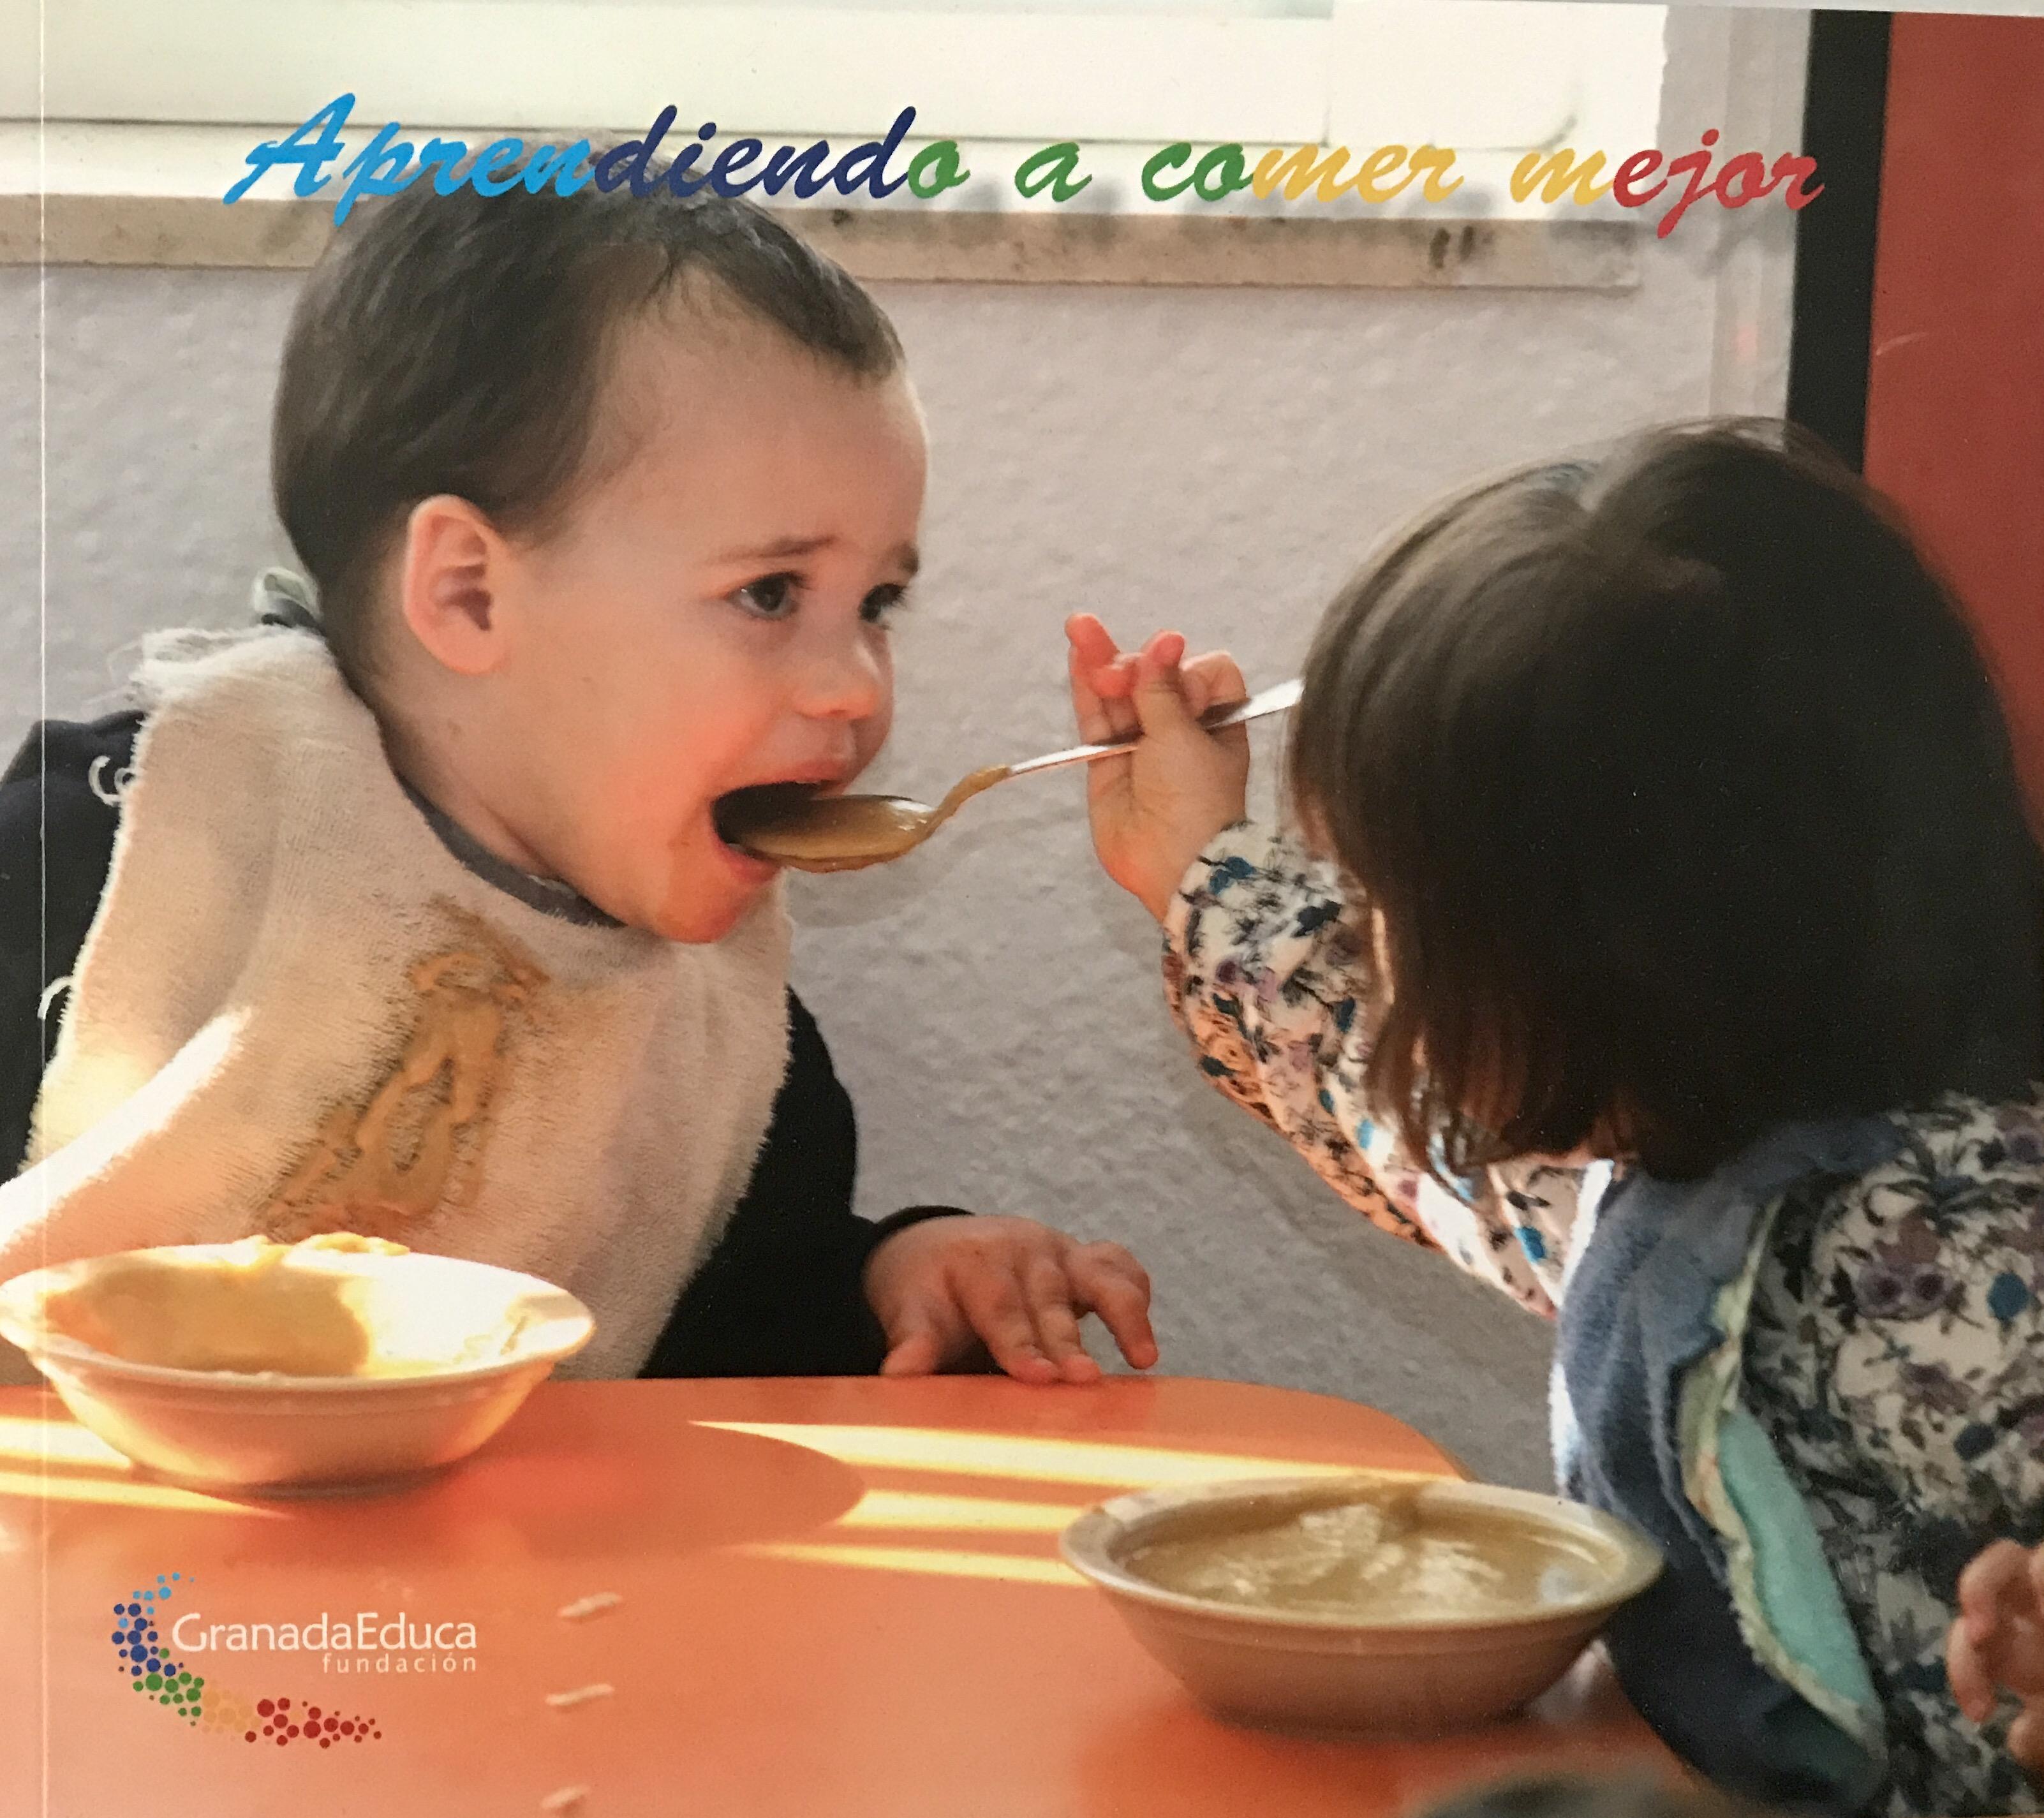 Aprendiendo a comer mejor fundacion Granada Educa